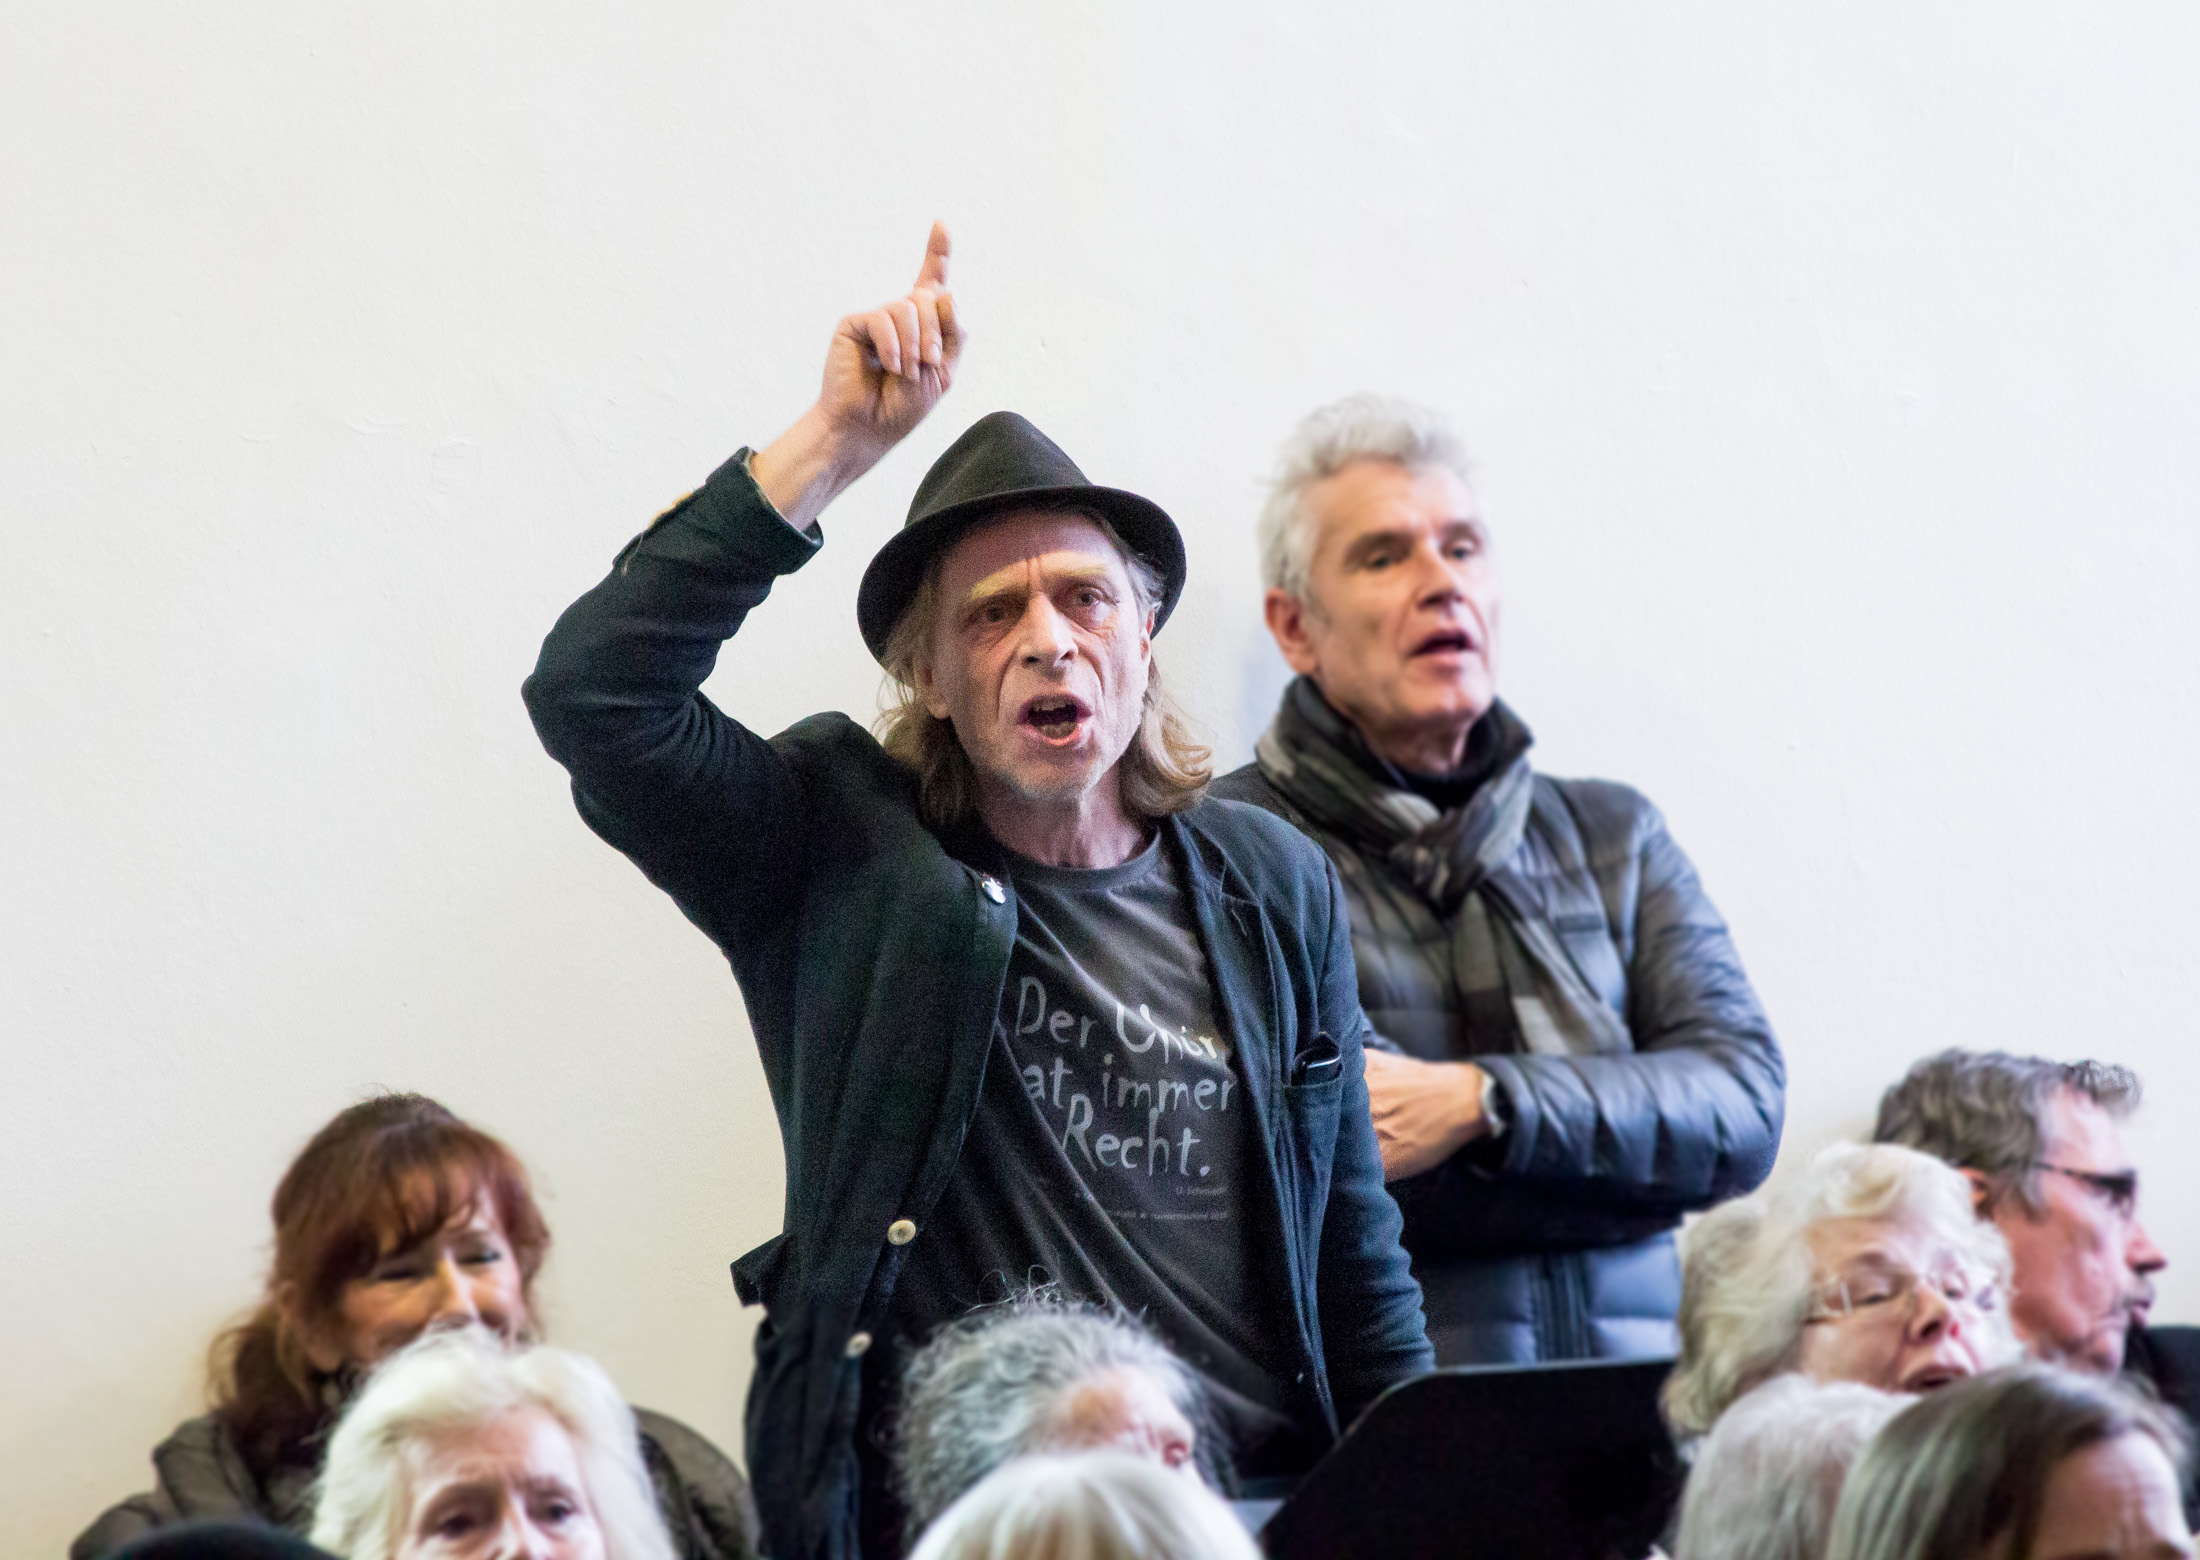 Dortmunder Sprechchor, Regisseur Uwe Schmieder, Jahresauftakt im